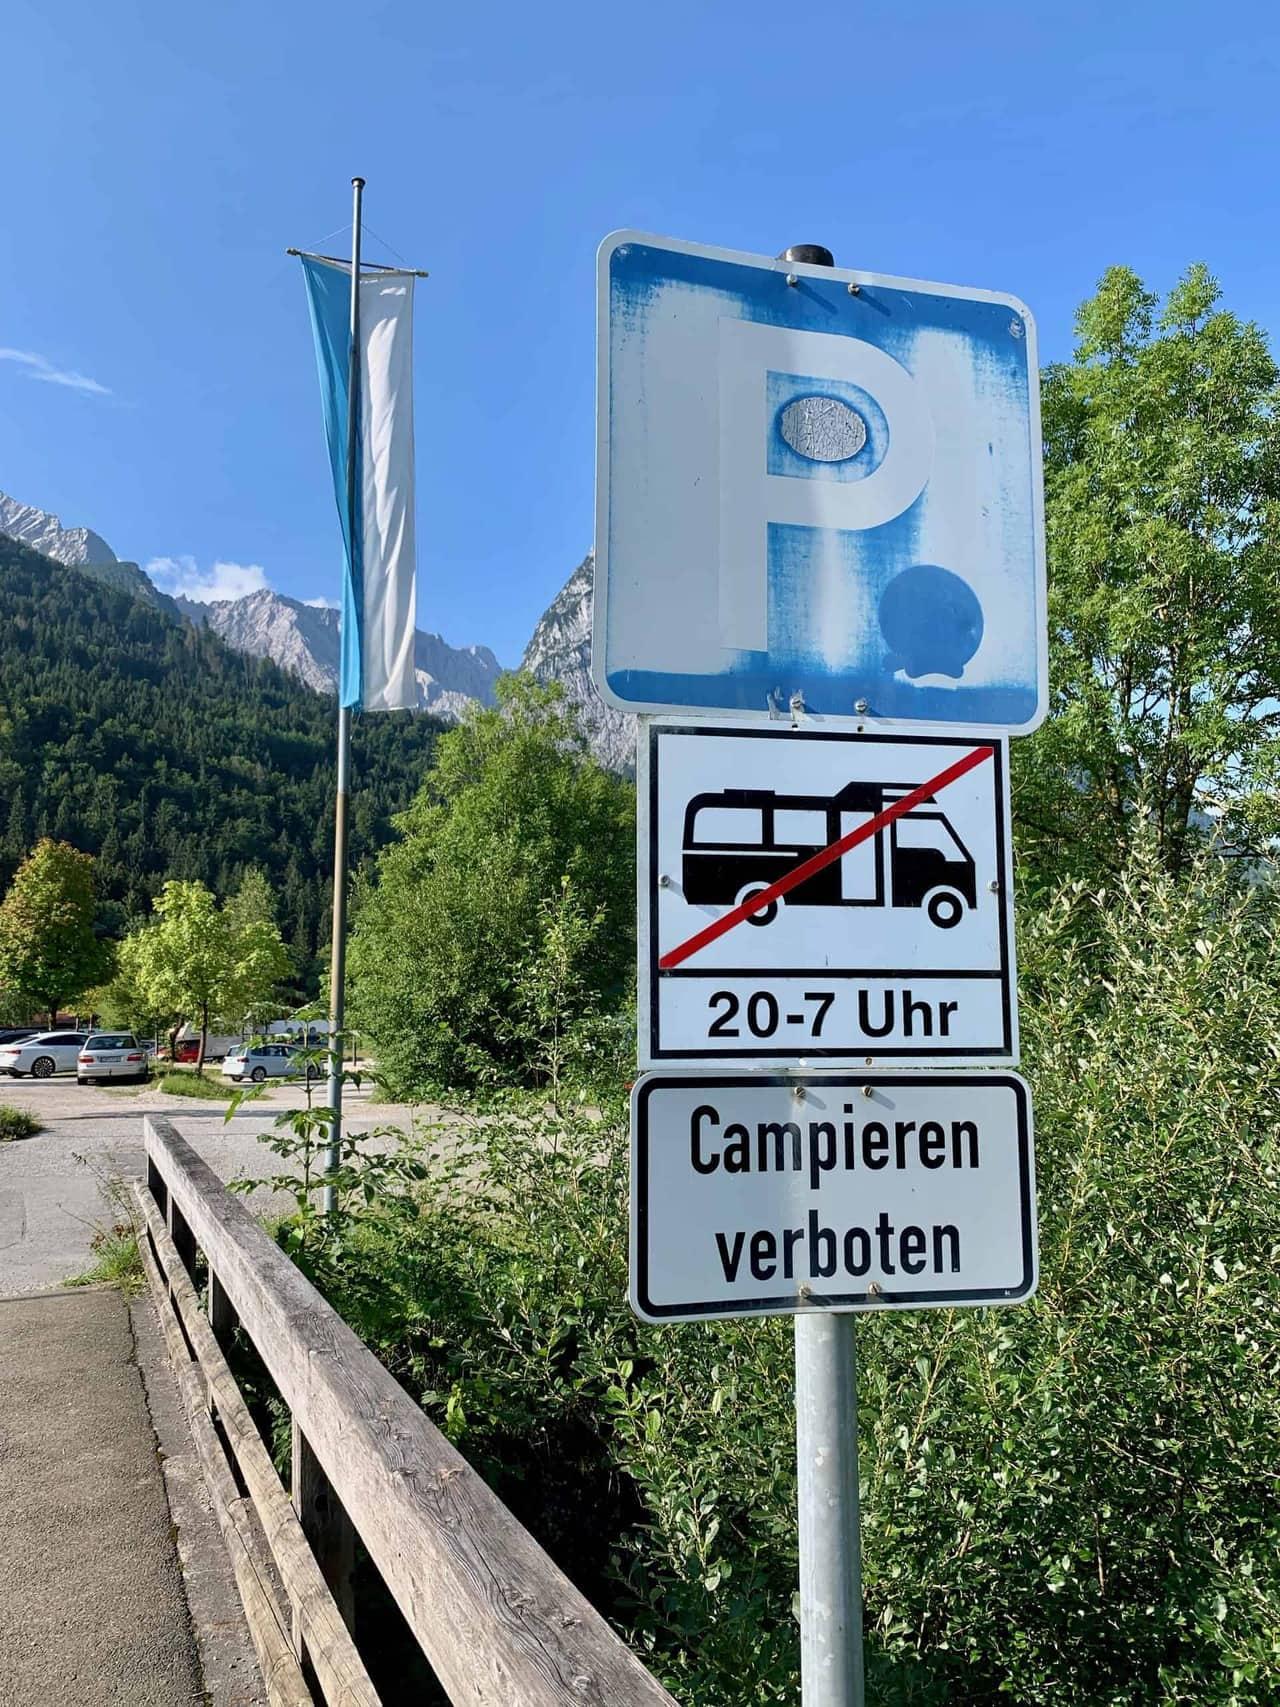 Höllentalklamm_Parkplatz_Alpspitzbahn_Campieren_verboten_Schild